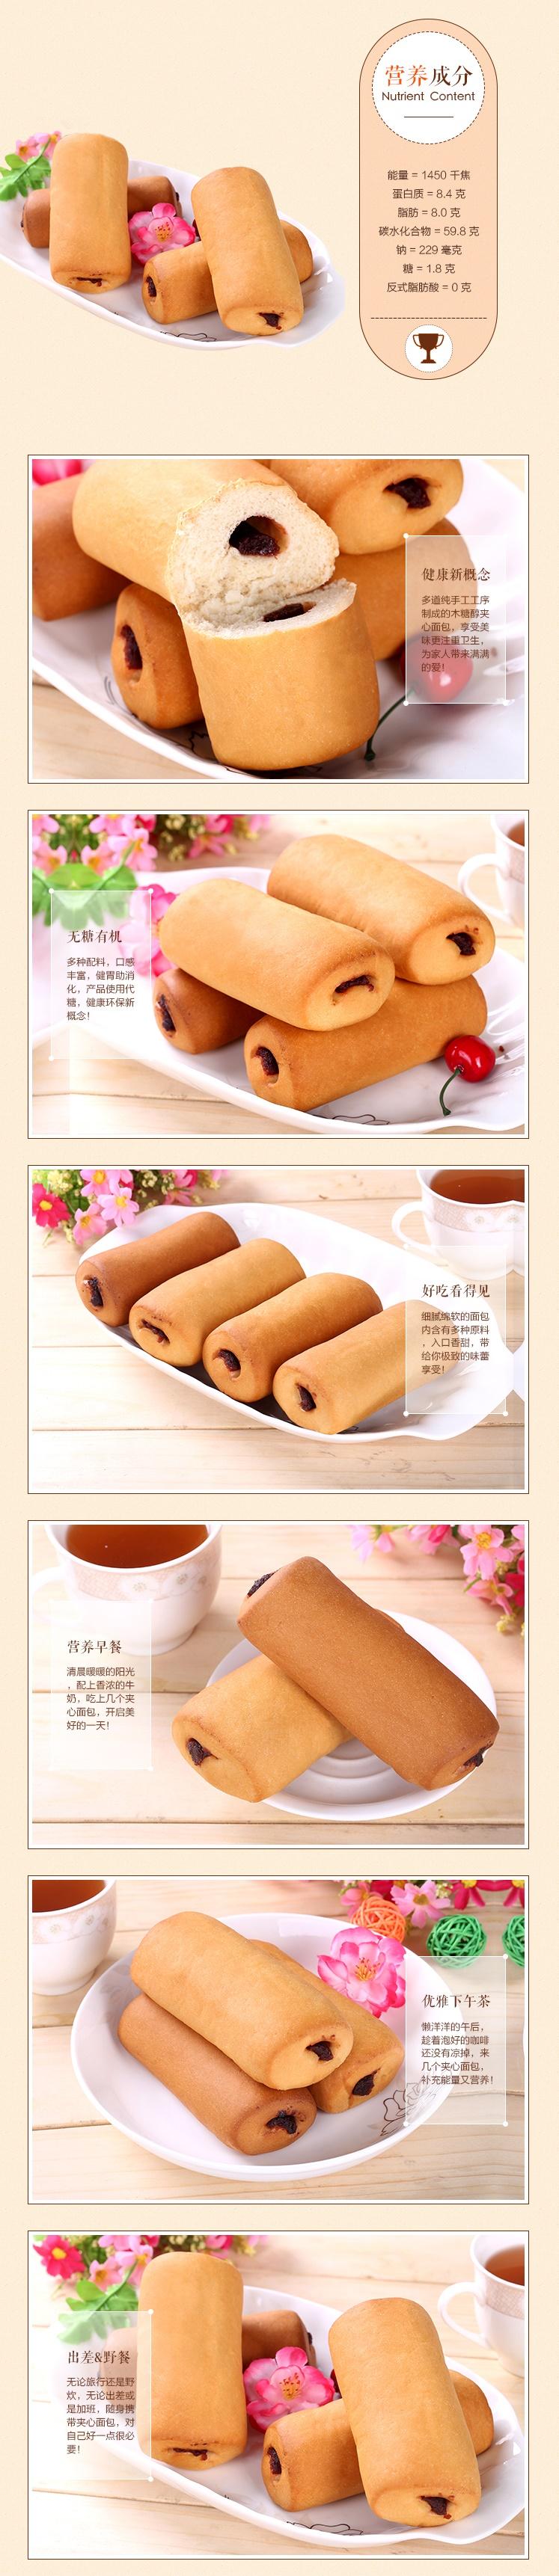 夹心面包淘宝详情页设计4